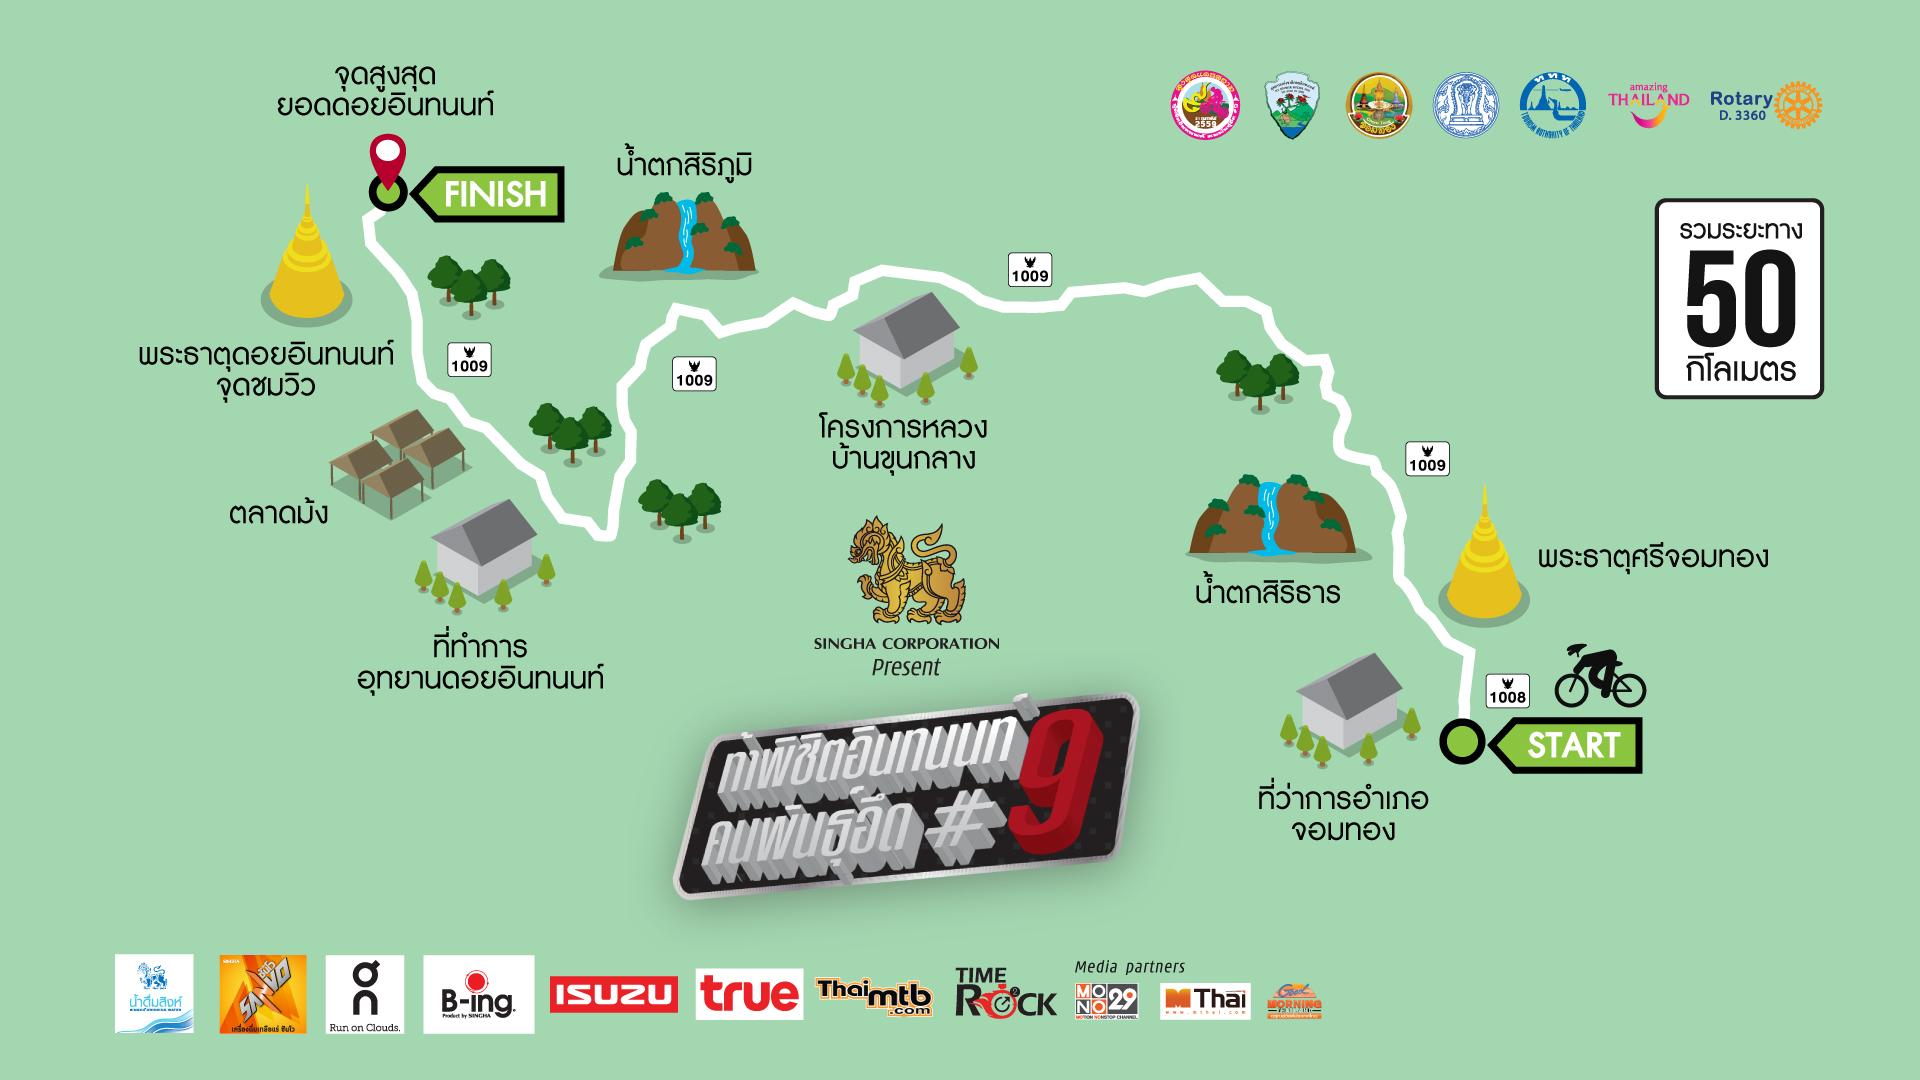 ท้าพิชิตอินทนนท์ คนพันธุ์อึด ครั้งที่ 9 - MONO29 TV Official Site